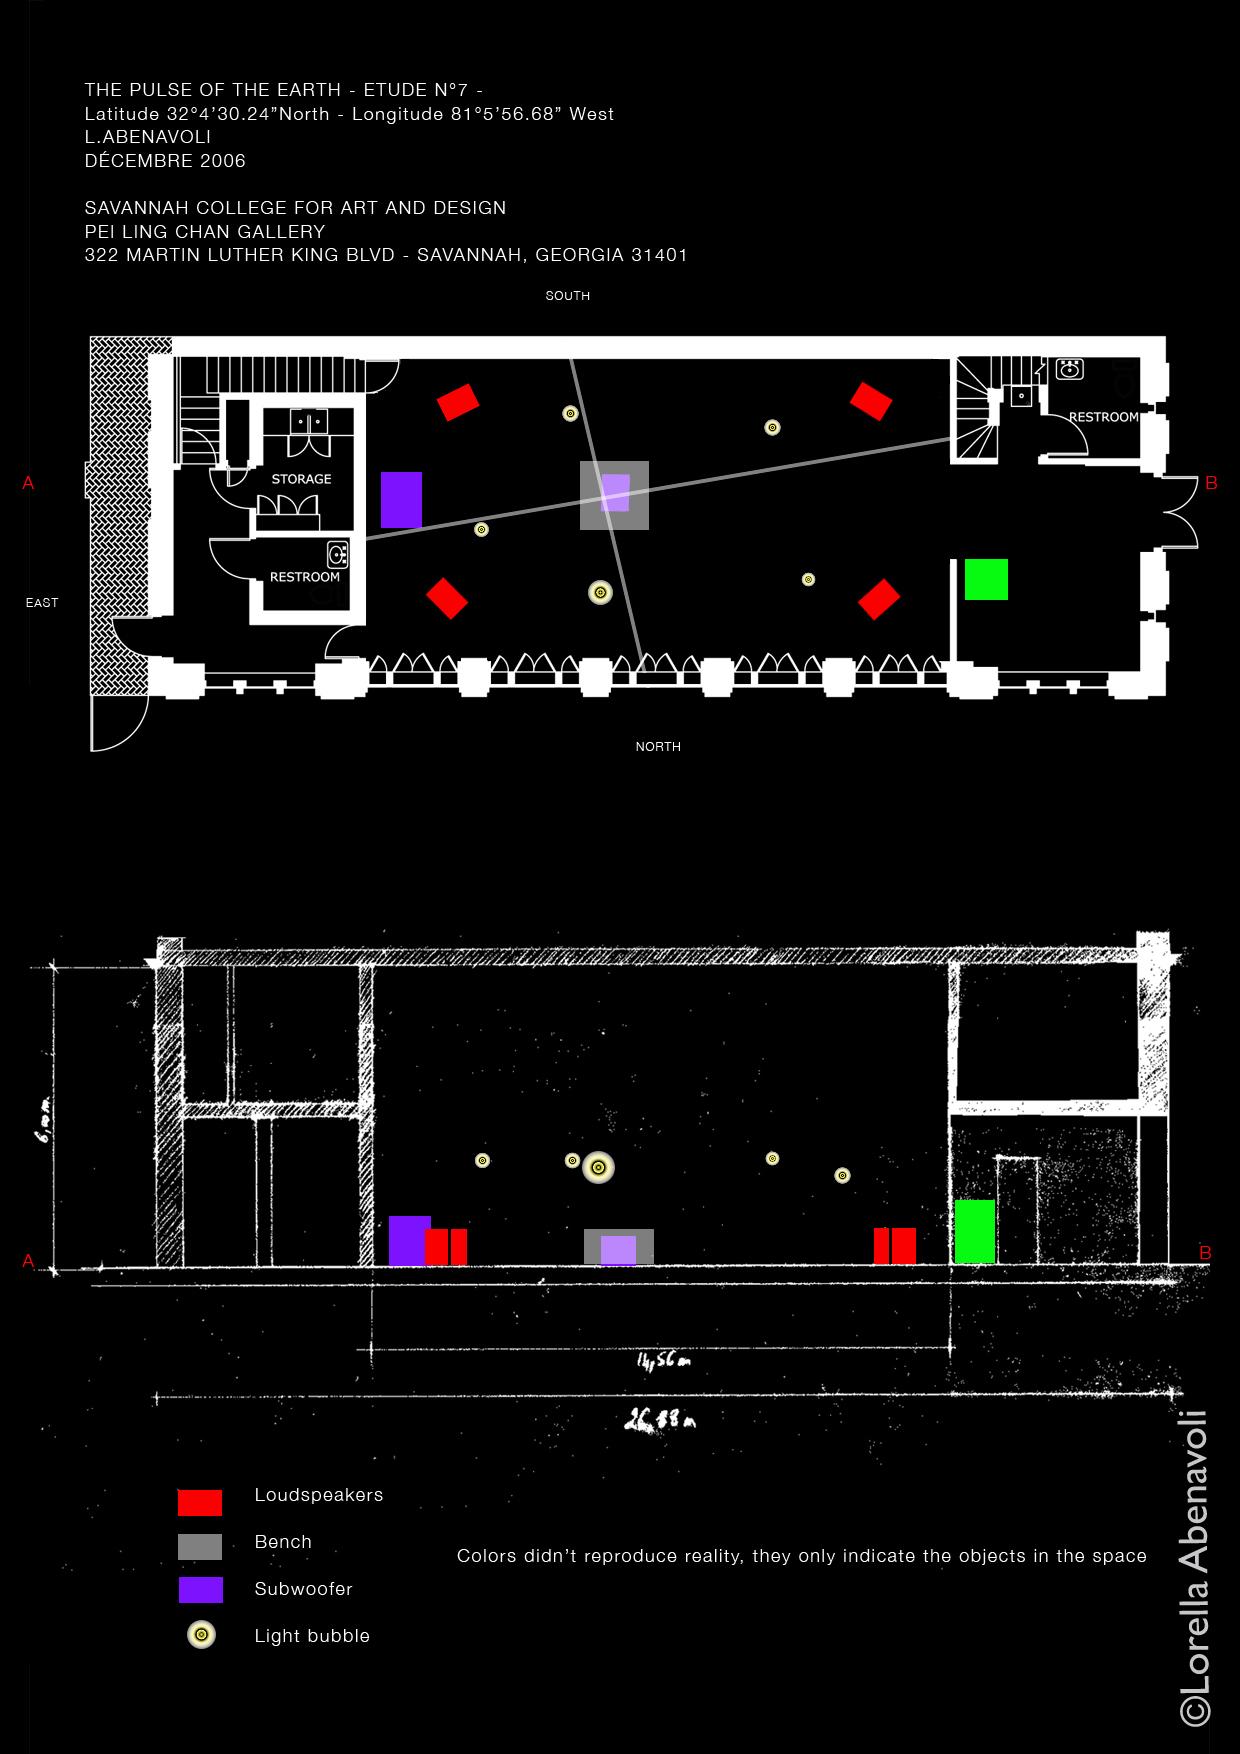 Le Souffle de la Terre, Étude n°7, plans, Lorella Abenavoli. Pei Ling Chan Gallery, Savannah, EU, Plan et coupe de l'installation, Dessin numérique ©Lorella Abenavoli